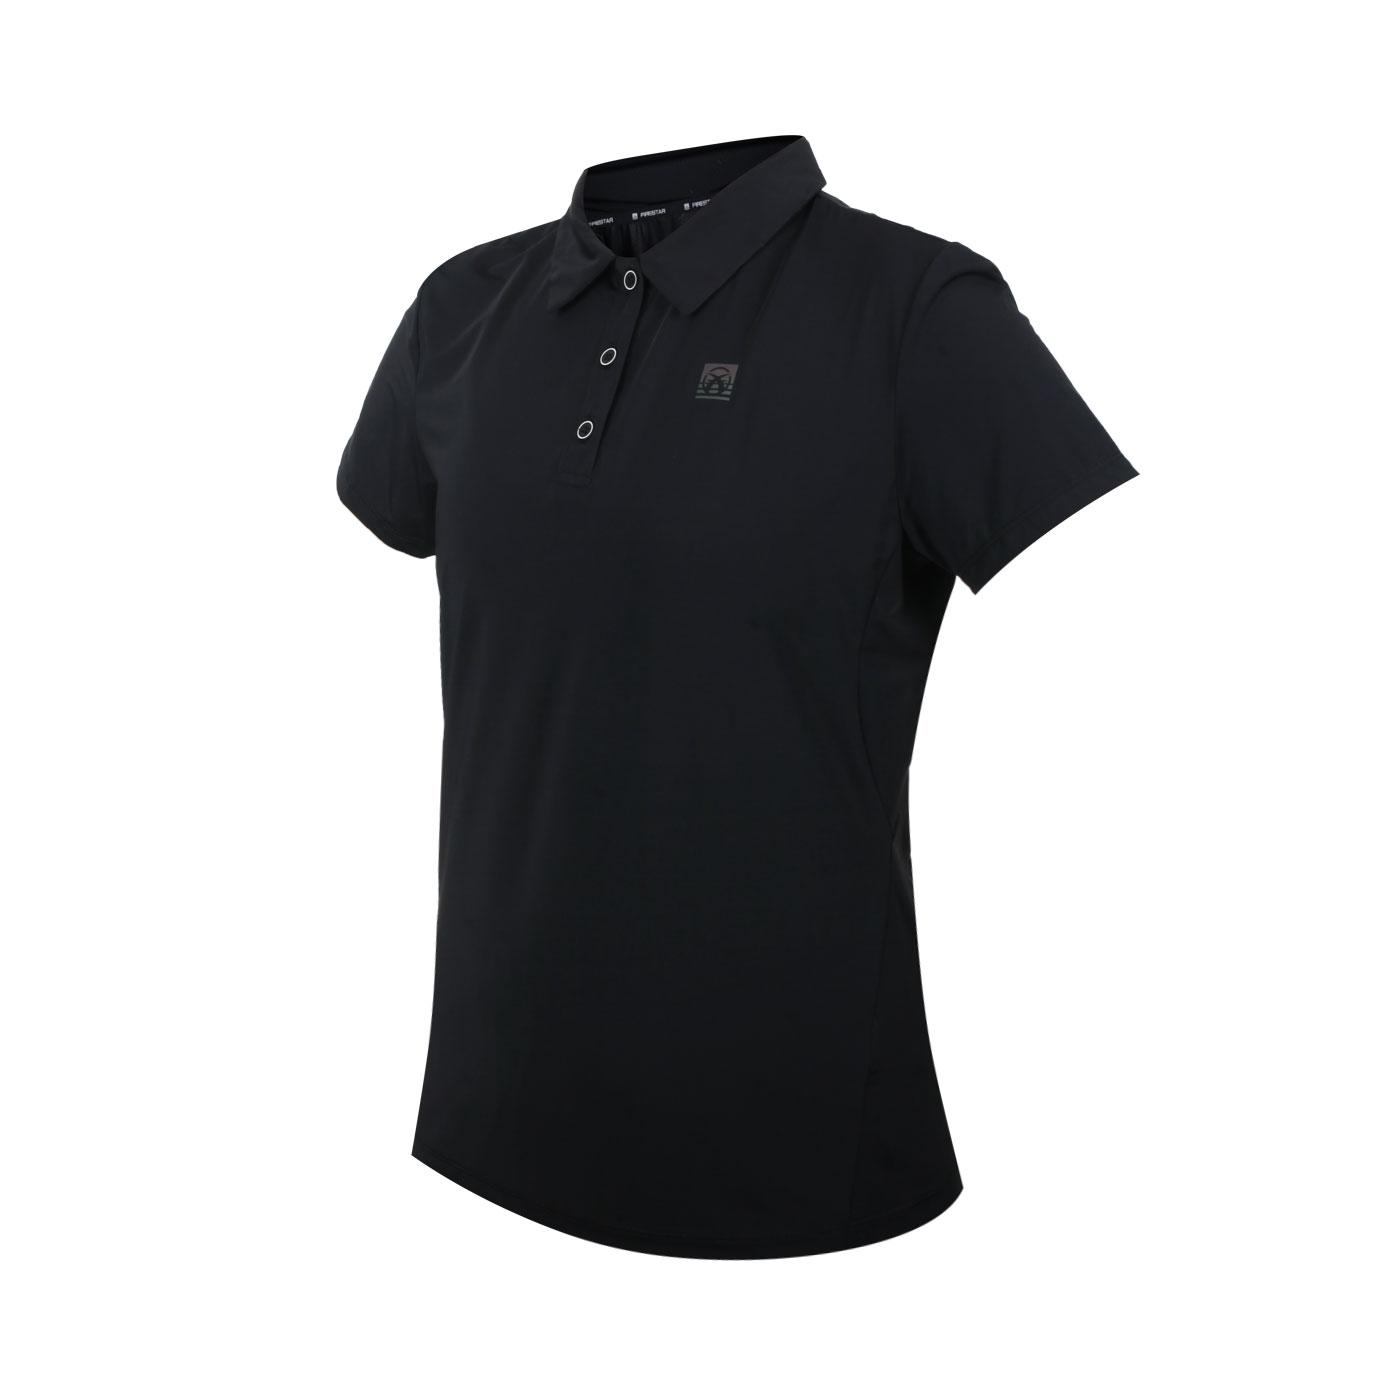 FIRESTAR 女款彈性機能短袖POLO衫 DL168-10 - 黑銀